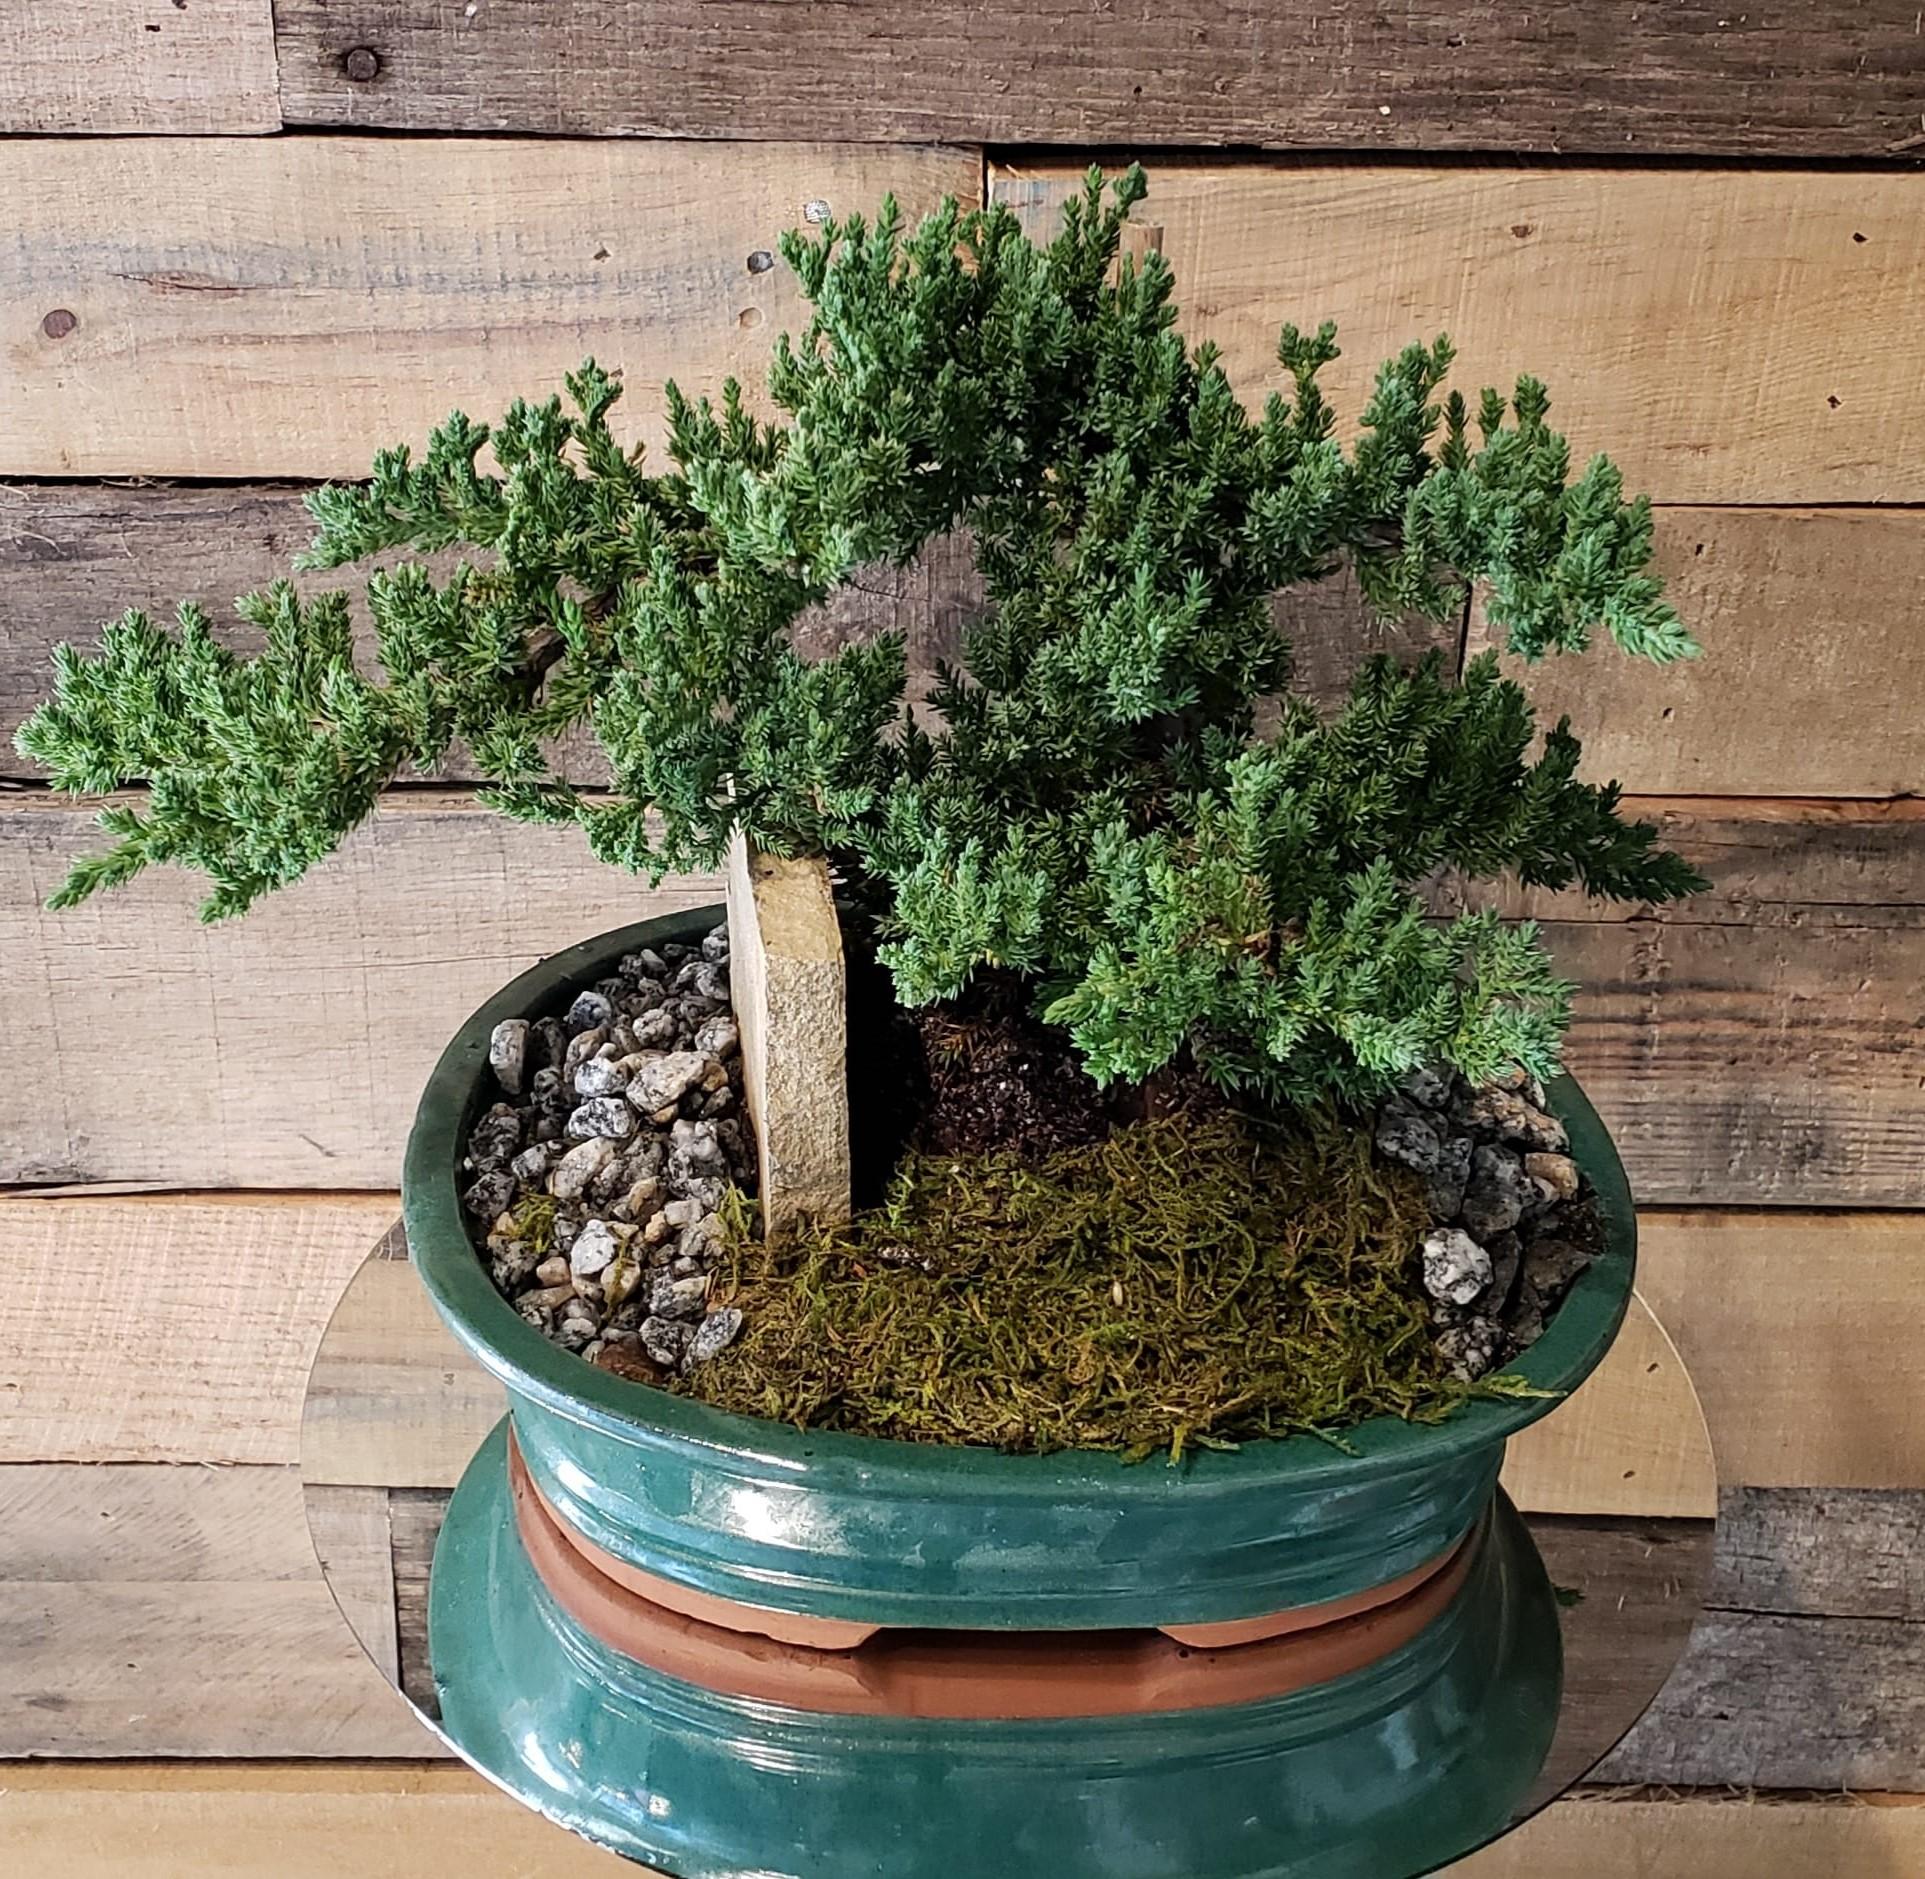 Achat de bonsaï: La règle la plus importante est; ne jamais arroser sur une routine.